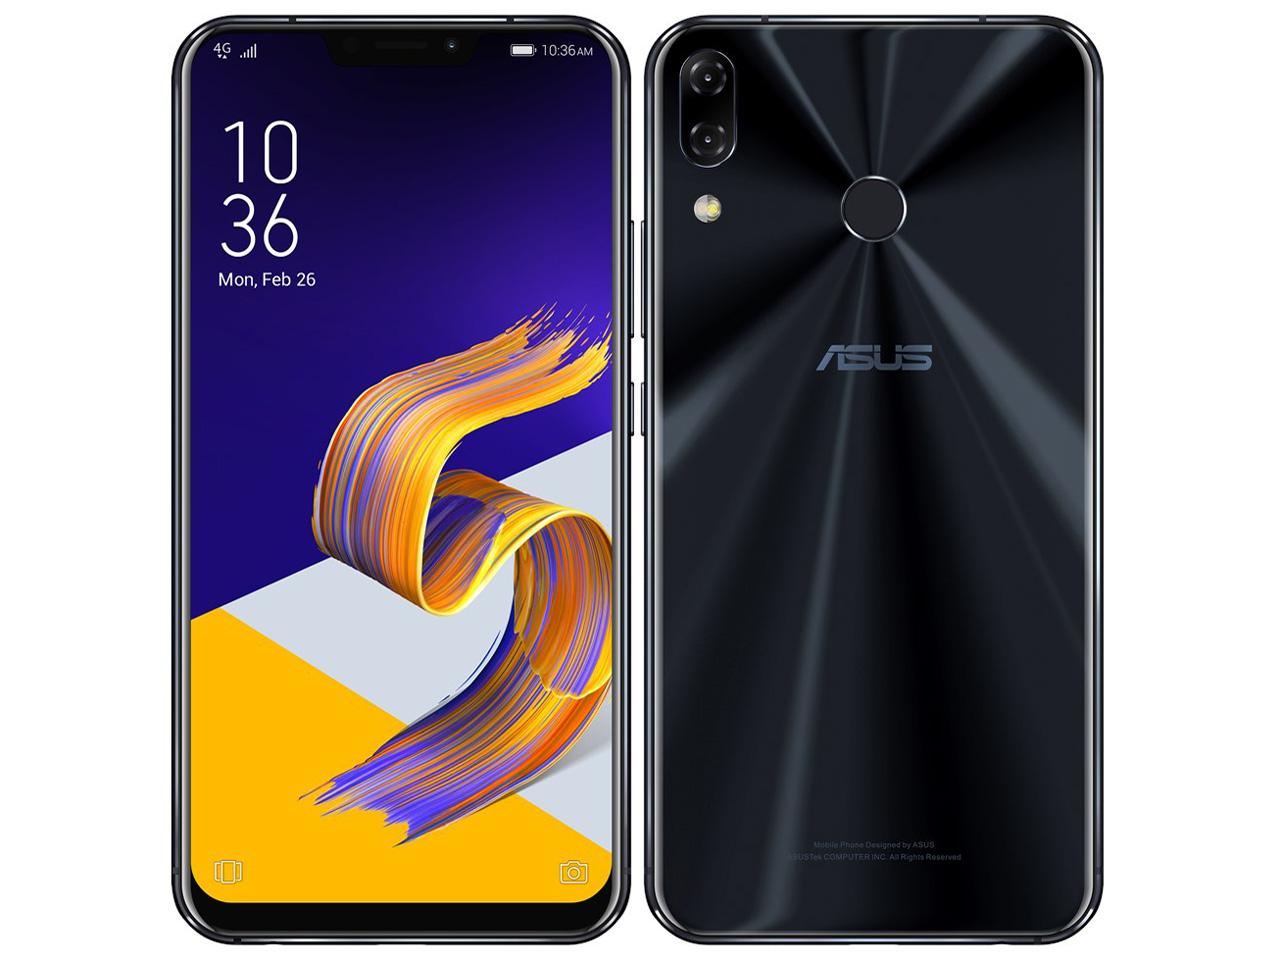 【新品未開封・白ロム・本体】SIMフリーASUS ZenFone 5Z ZS620KL-BK128S6 シャイニーブラック スマートフォン 携帯電話 zenfone 5z シャイニーブラック